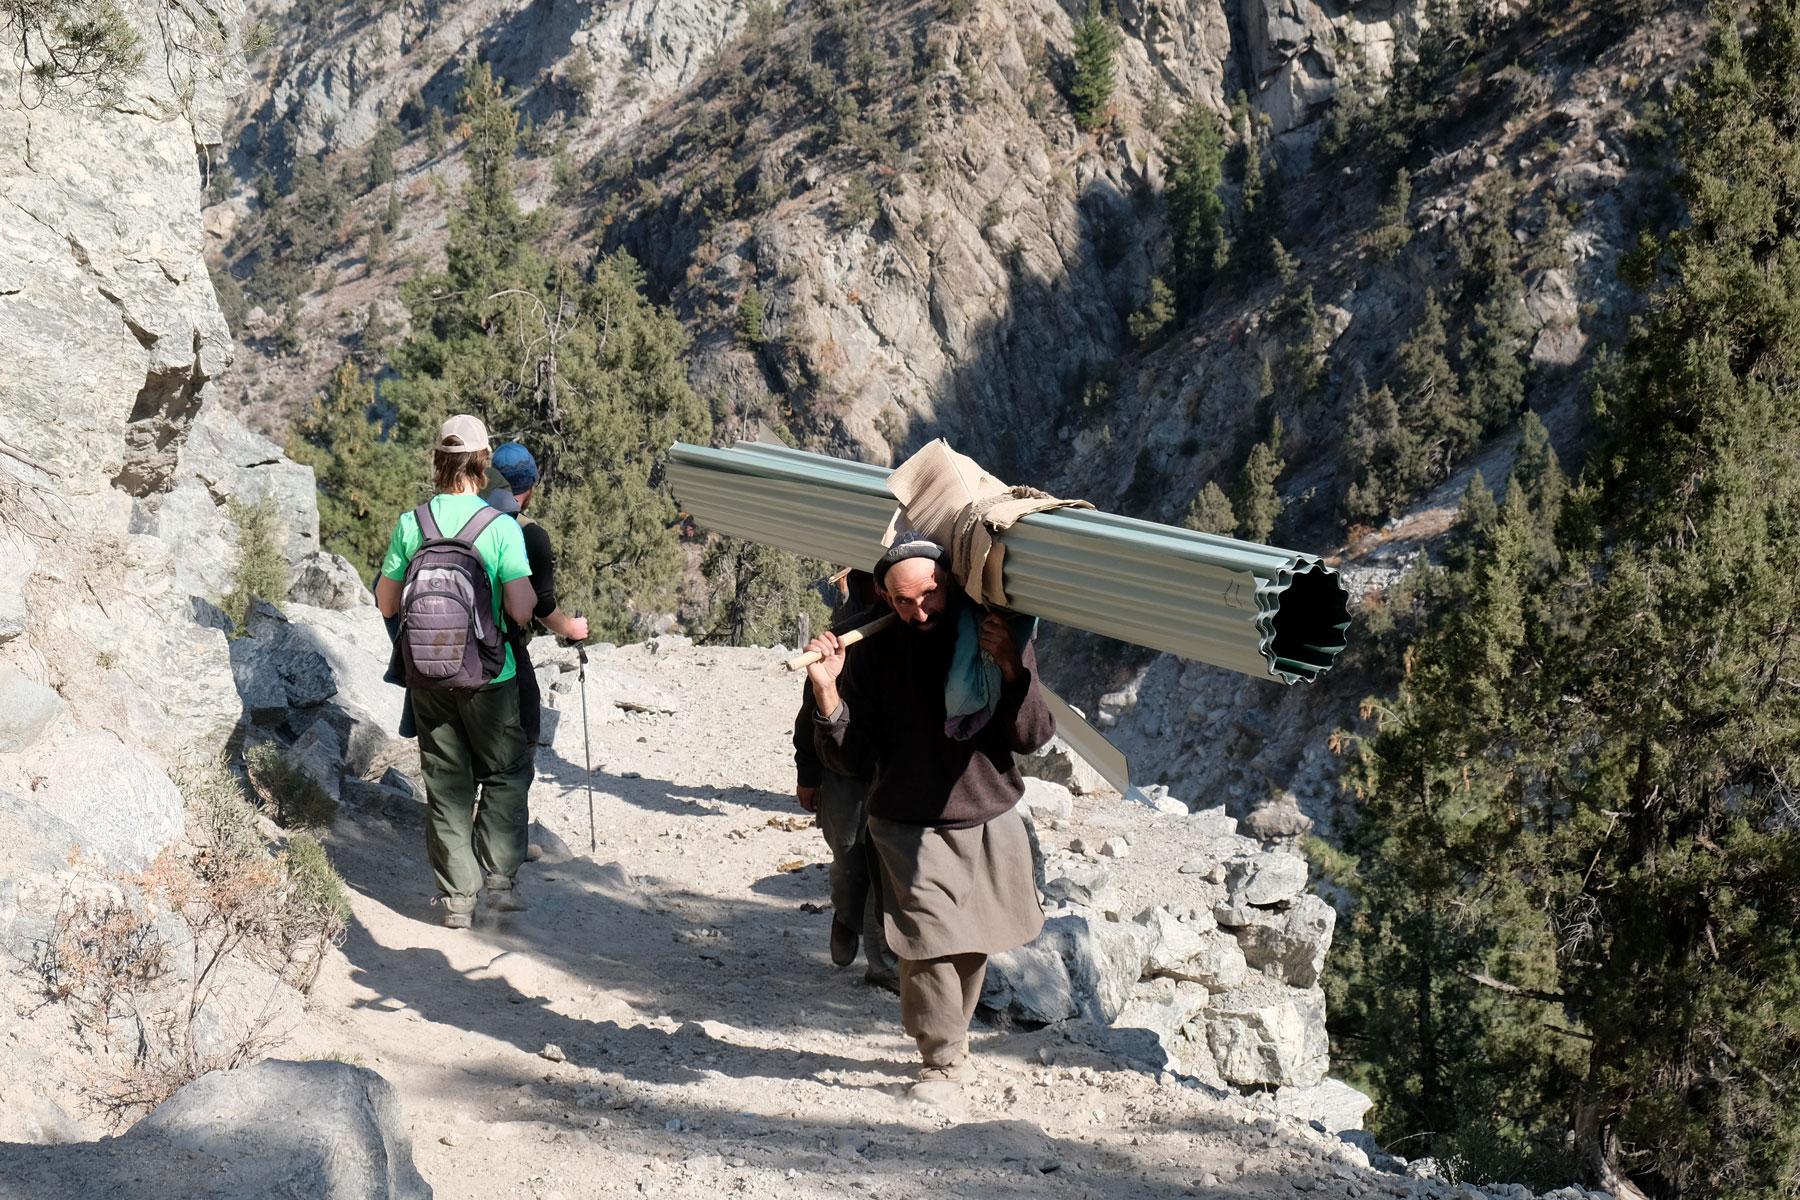 Zwei Männer tragen im Karakorumgebirge eine zusammengerollte Metallplane.